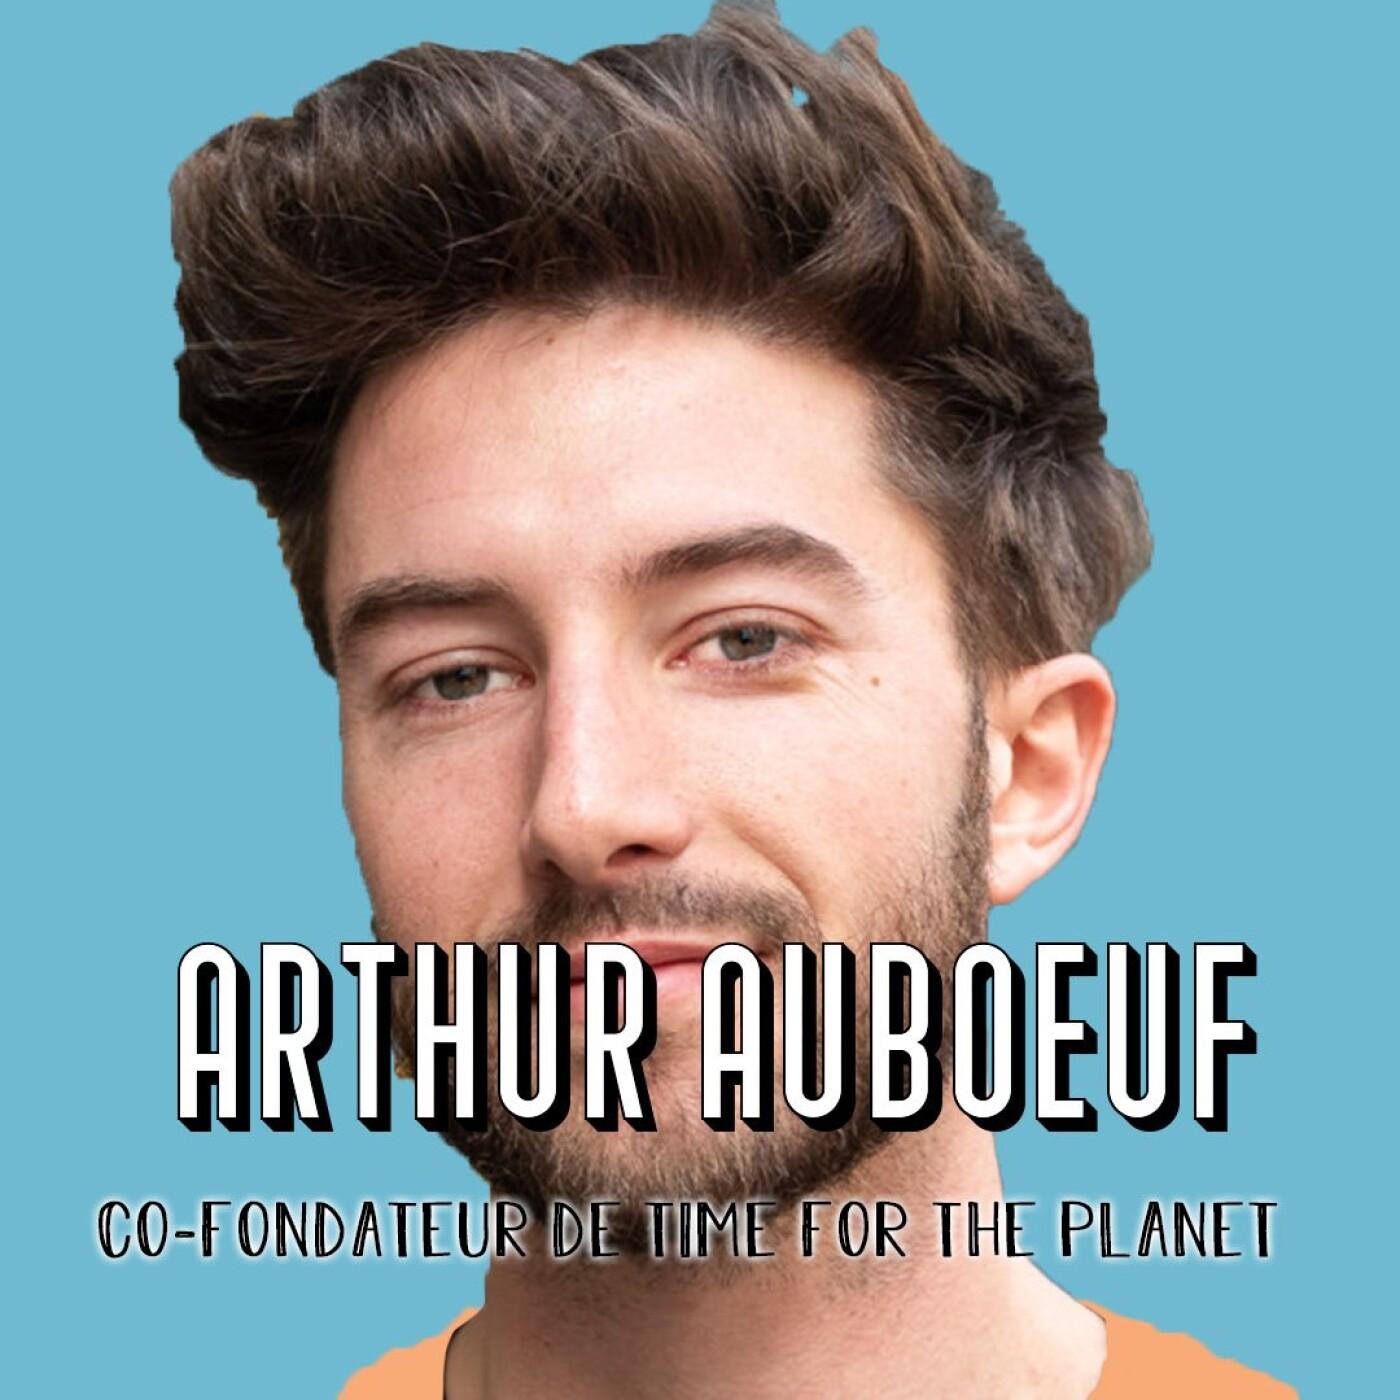 Arthur Auboeuf, Co-fondateur de Time for the Planet - C'est l'heure de sauver l'humanité